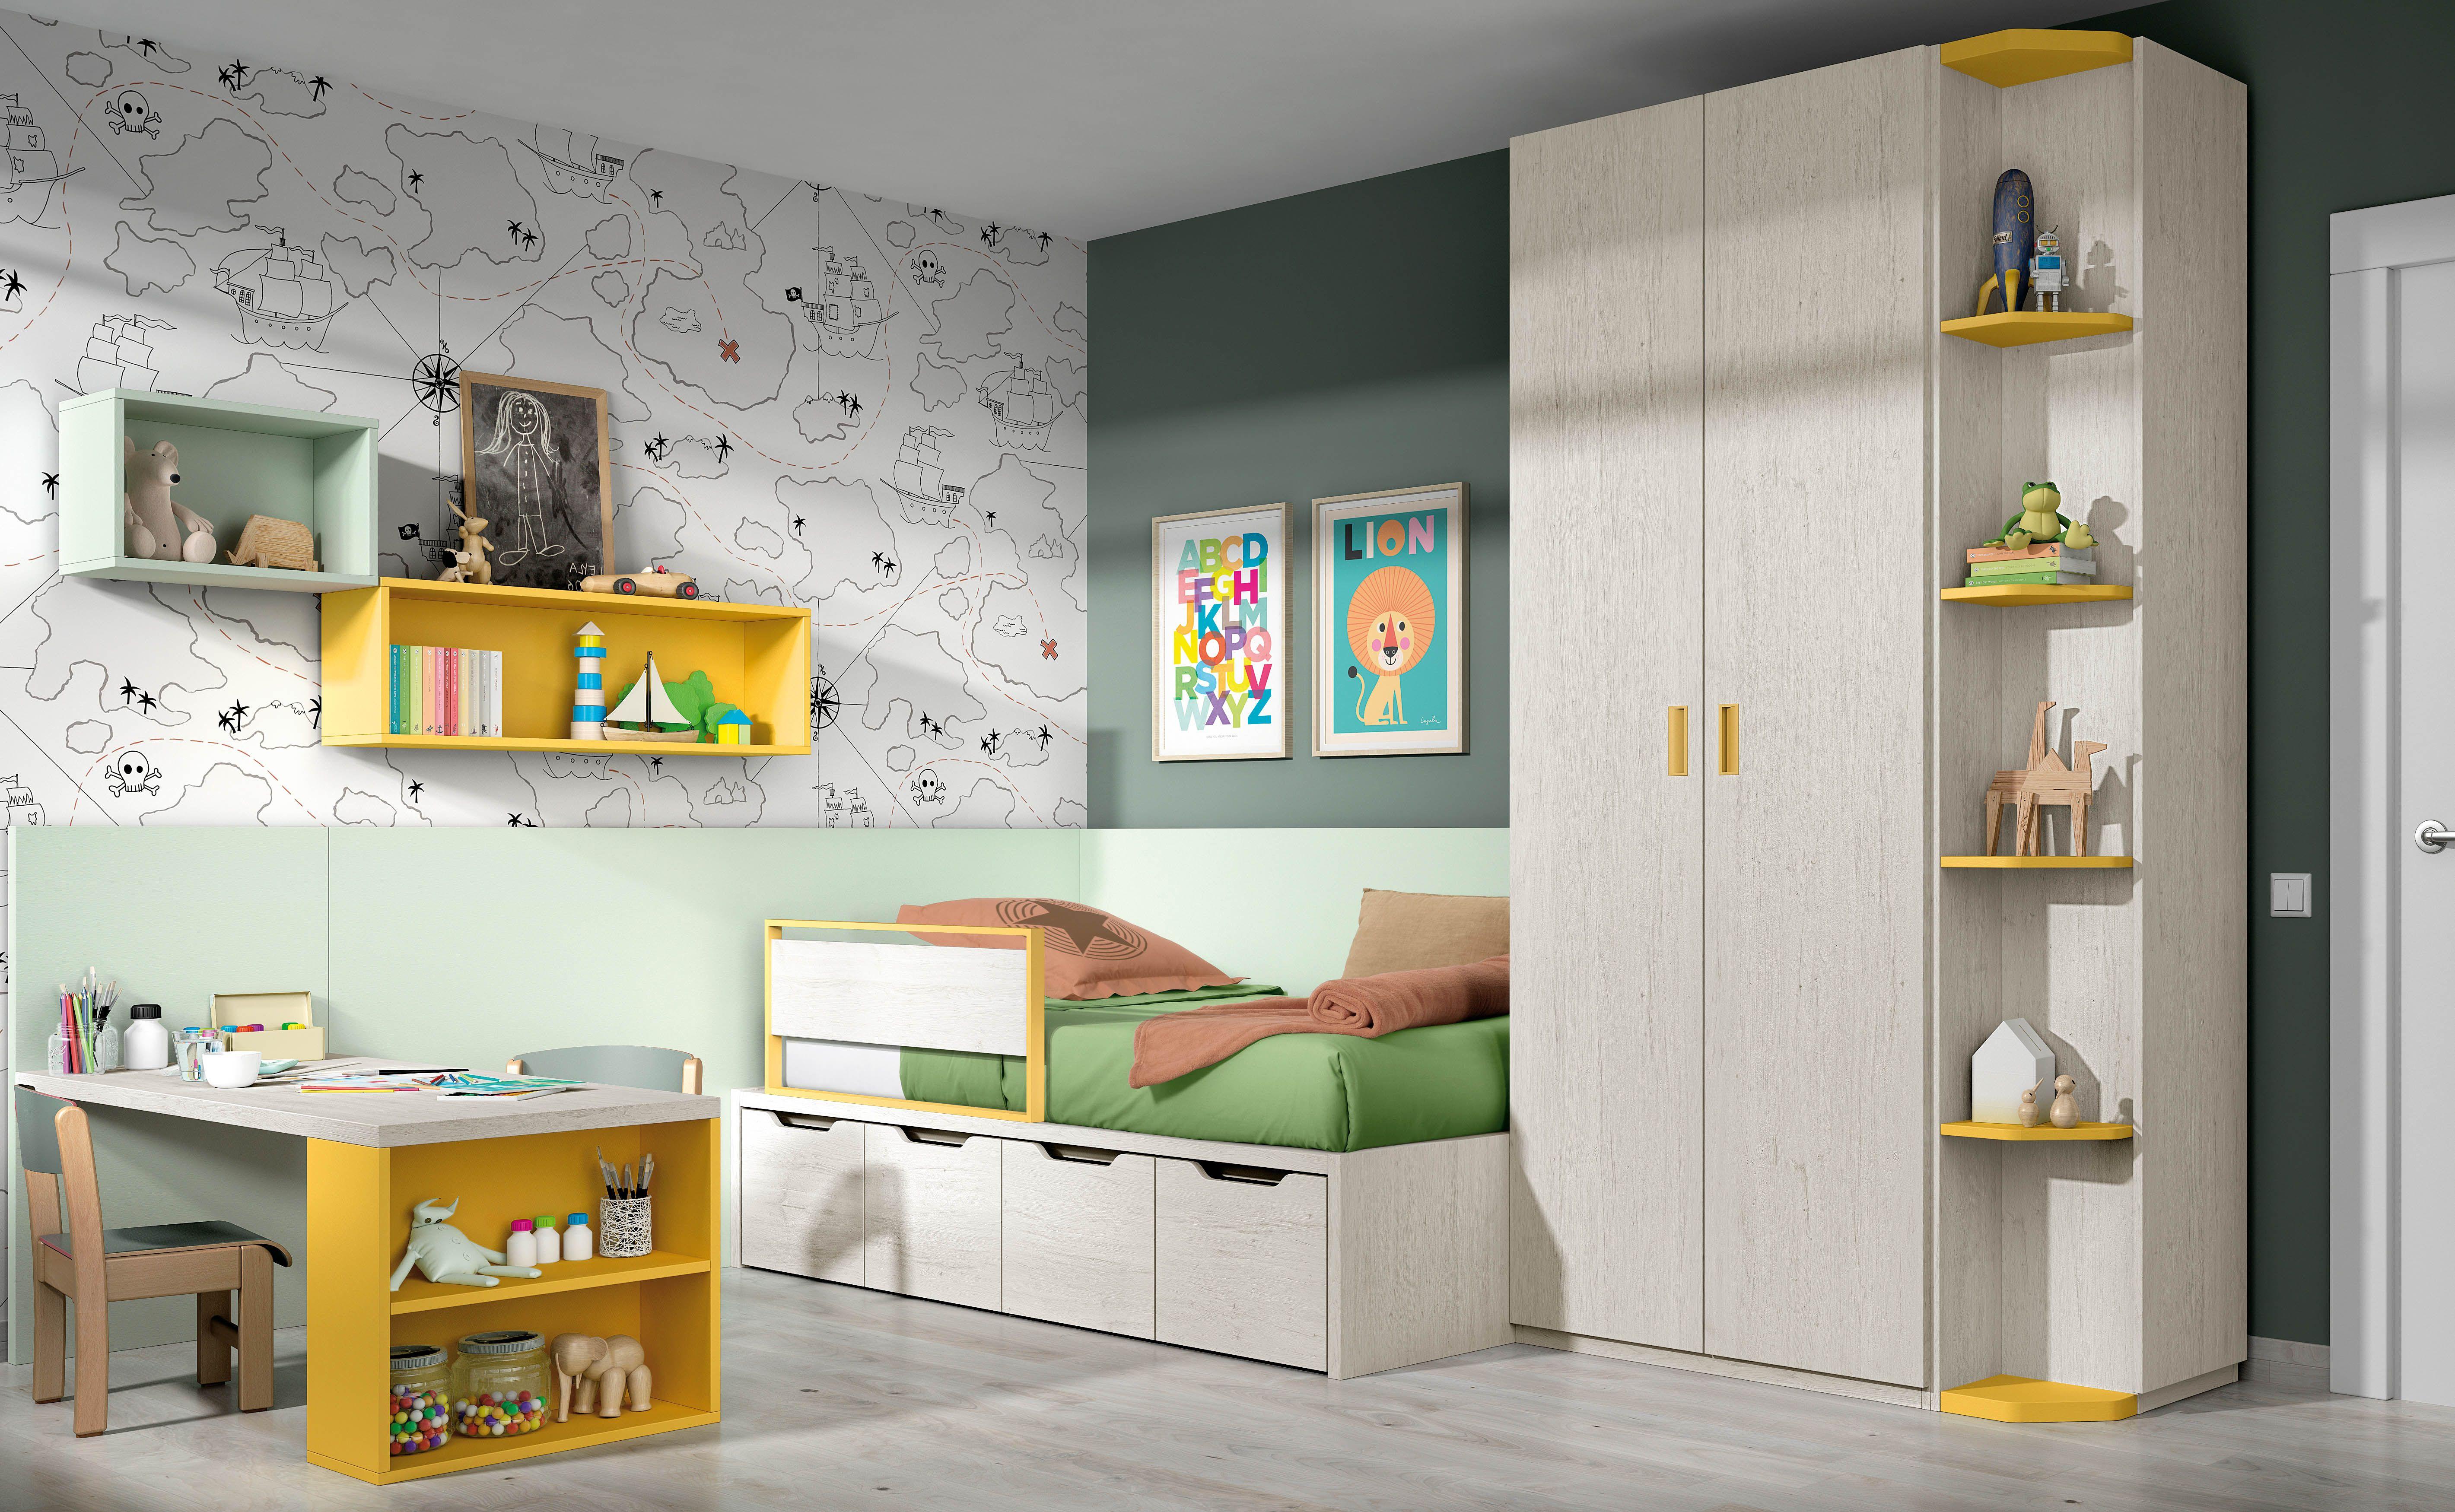 Cama Infantil Con Cajones Para Juguetes Y Escritorio  ~ Camas Infantiles Con Cajones Debajo